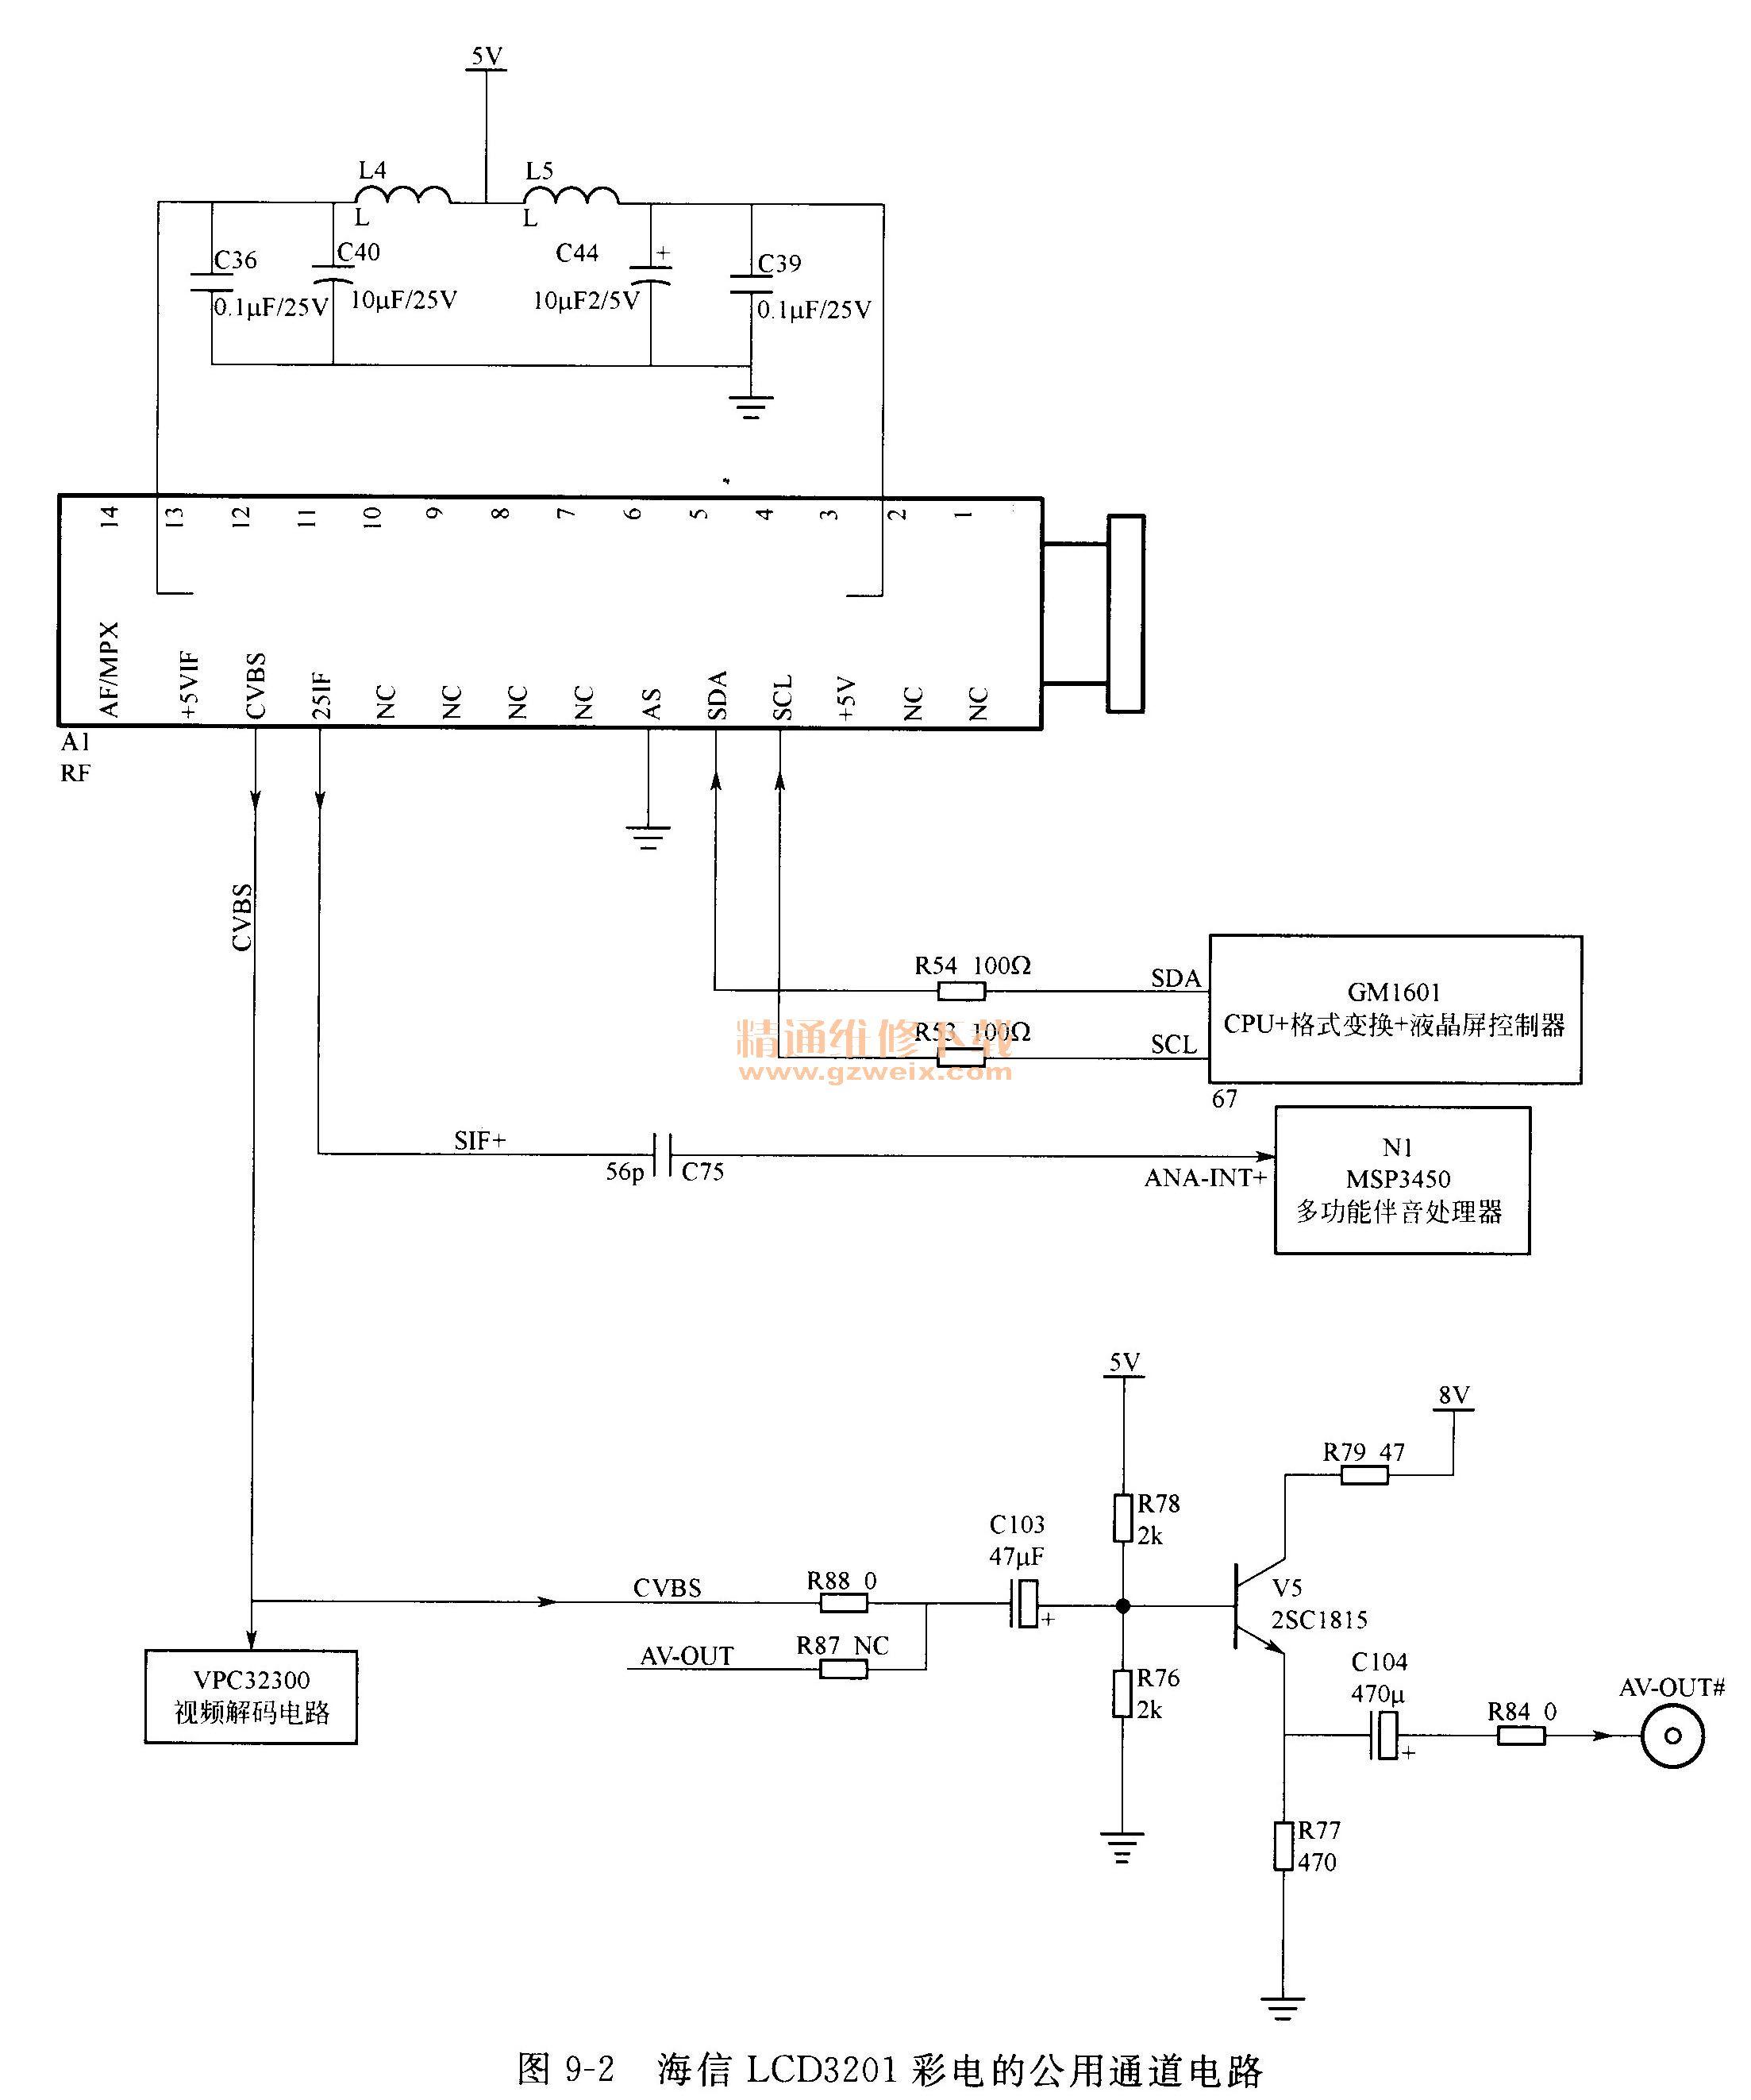 等锂子彩电结构图解